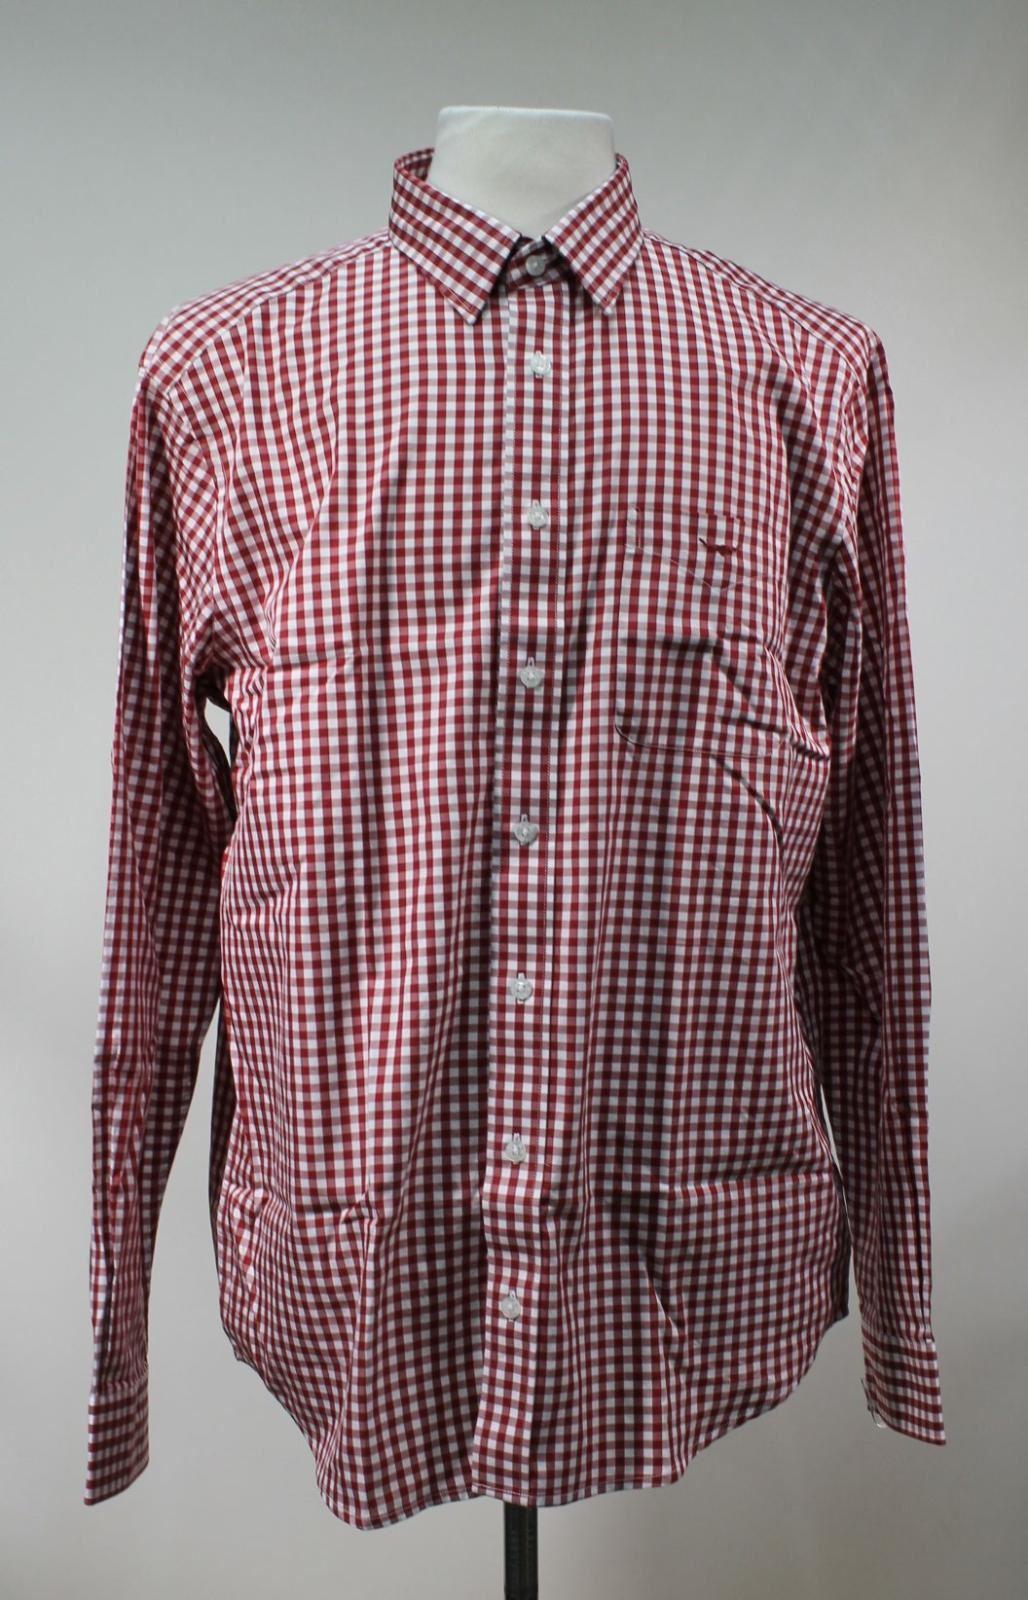 BNWT R. M. Williams uomo rosso cotton Verificato con Colletto Collins Camicia Taglia L